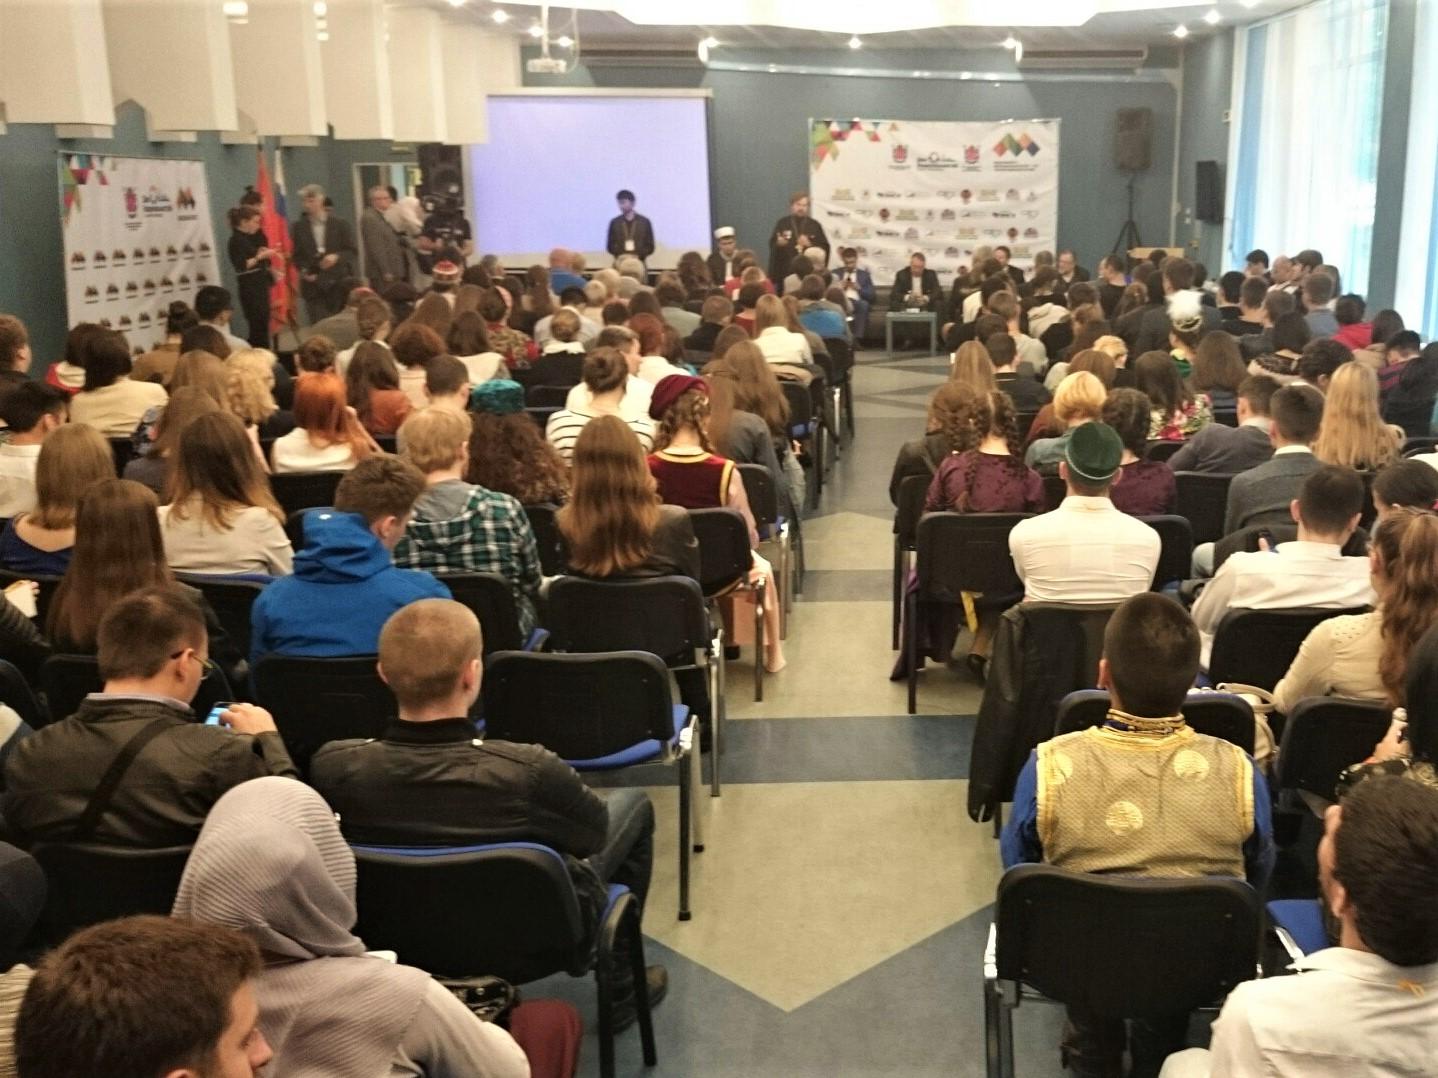 III Молодёжный форум «Многонациональный Петербург: территория национального согласия», Репино, 19.09.2015